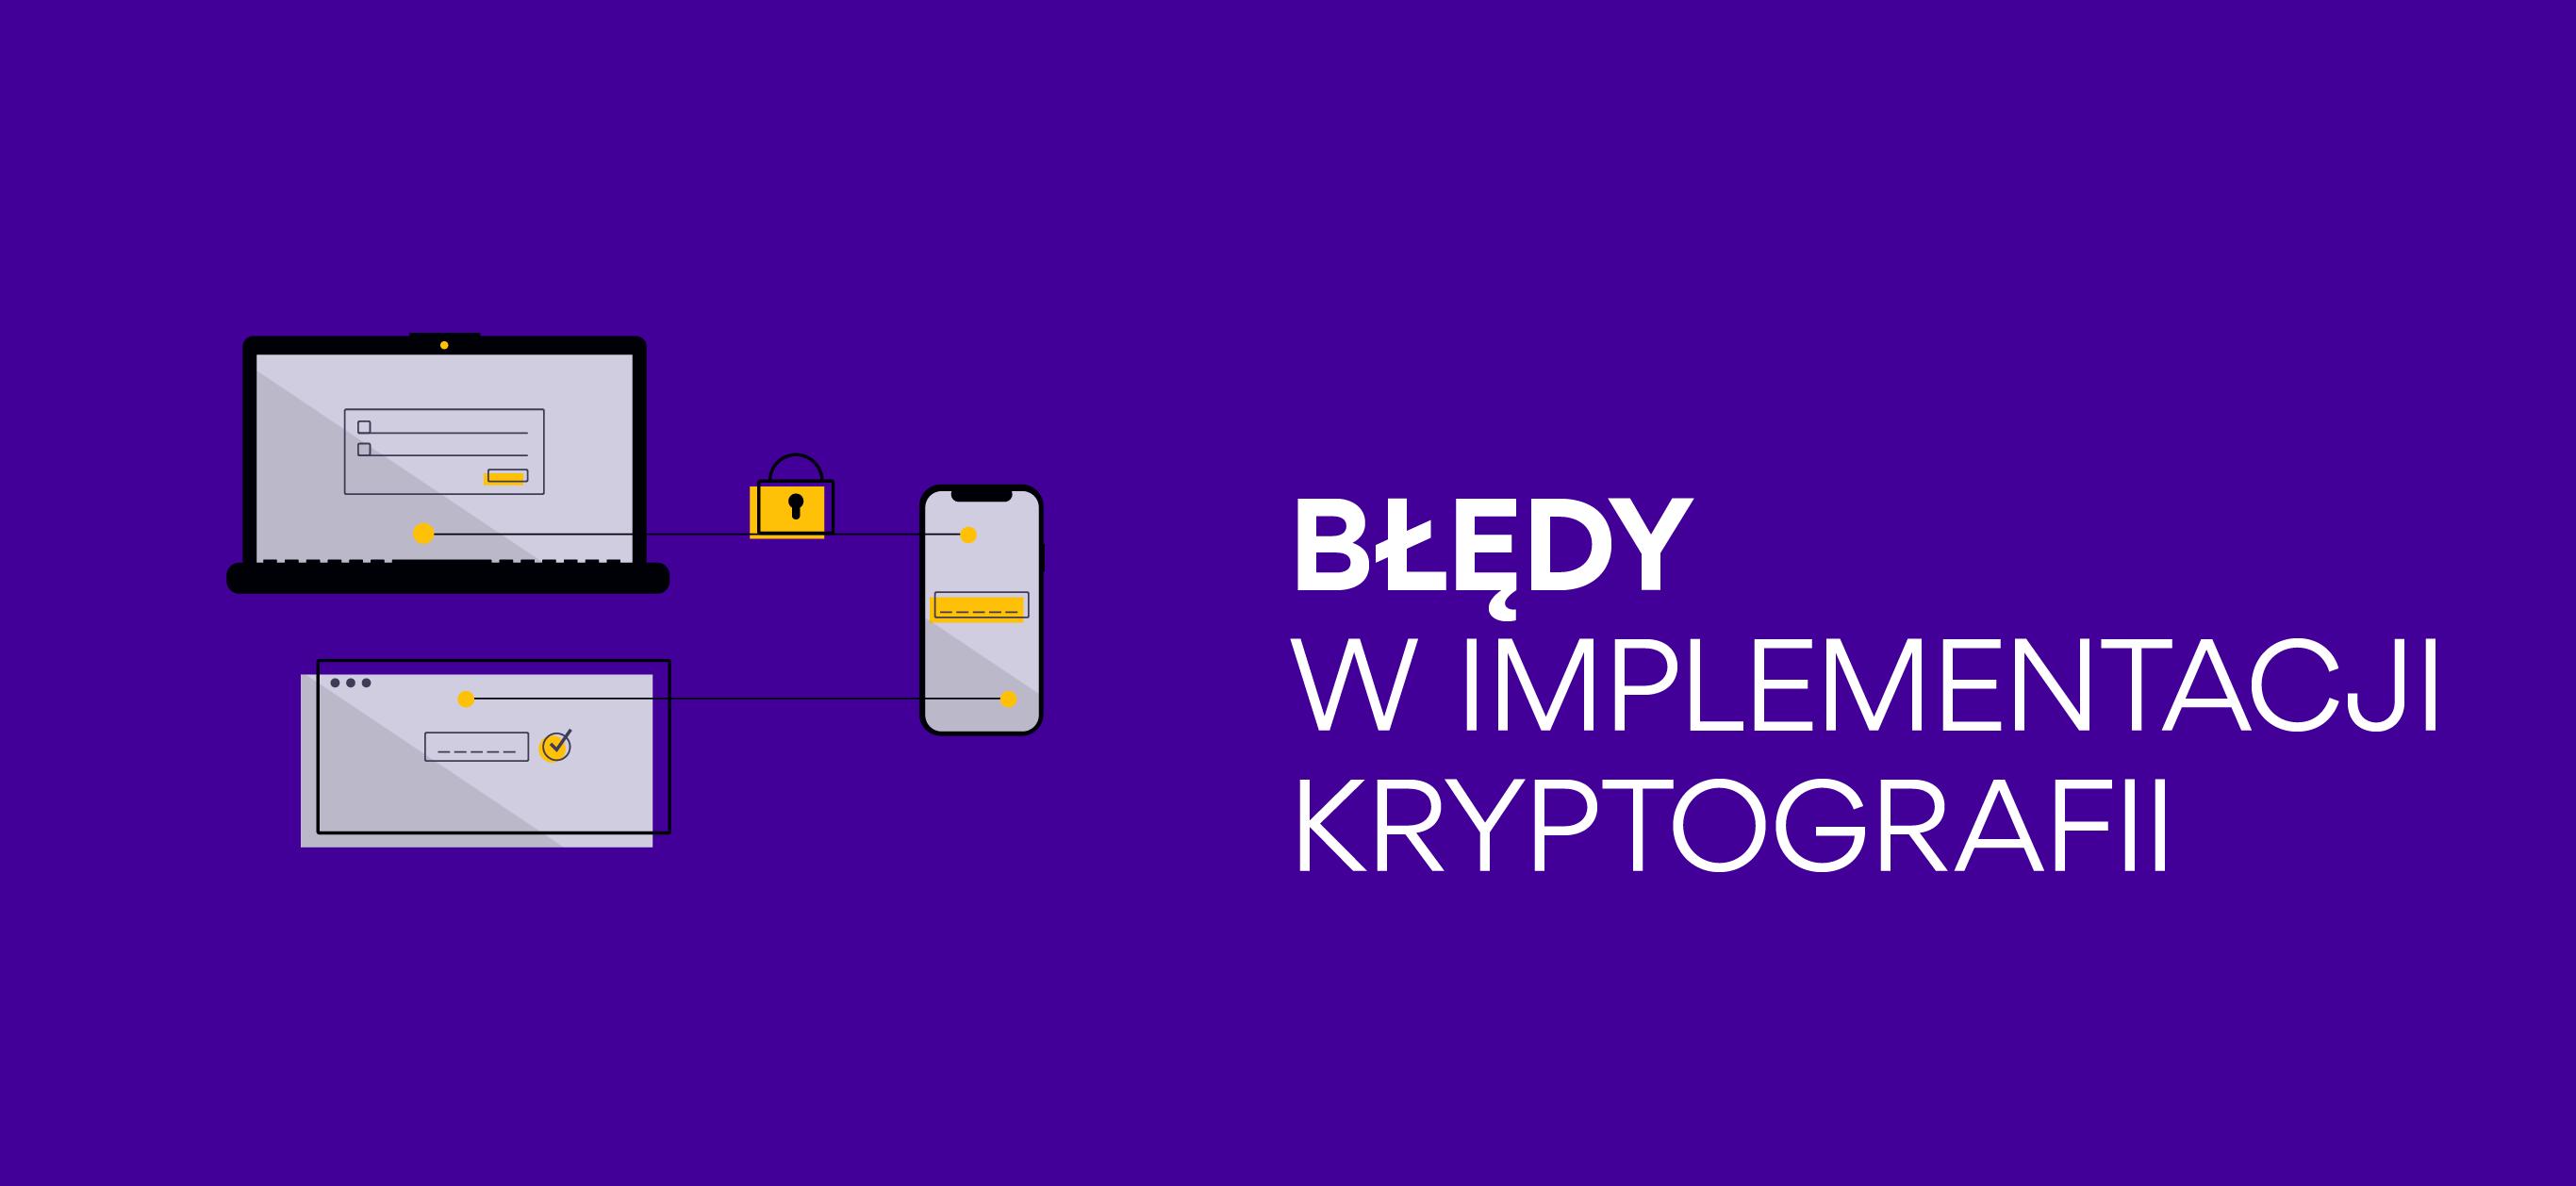 Błędy wimplementacji kryptografii